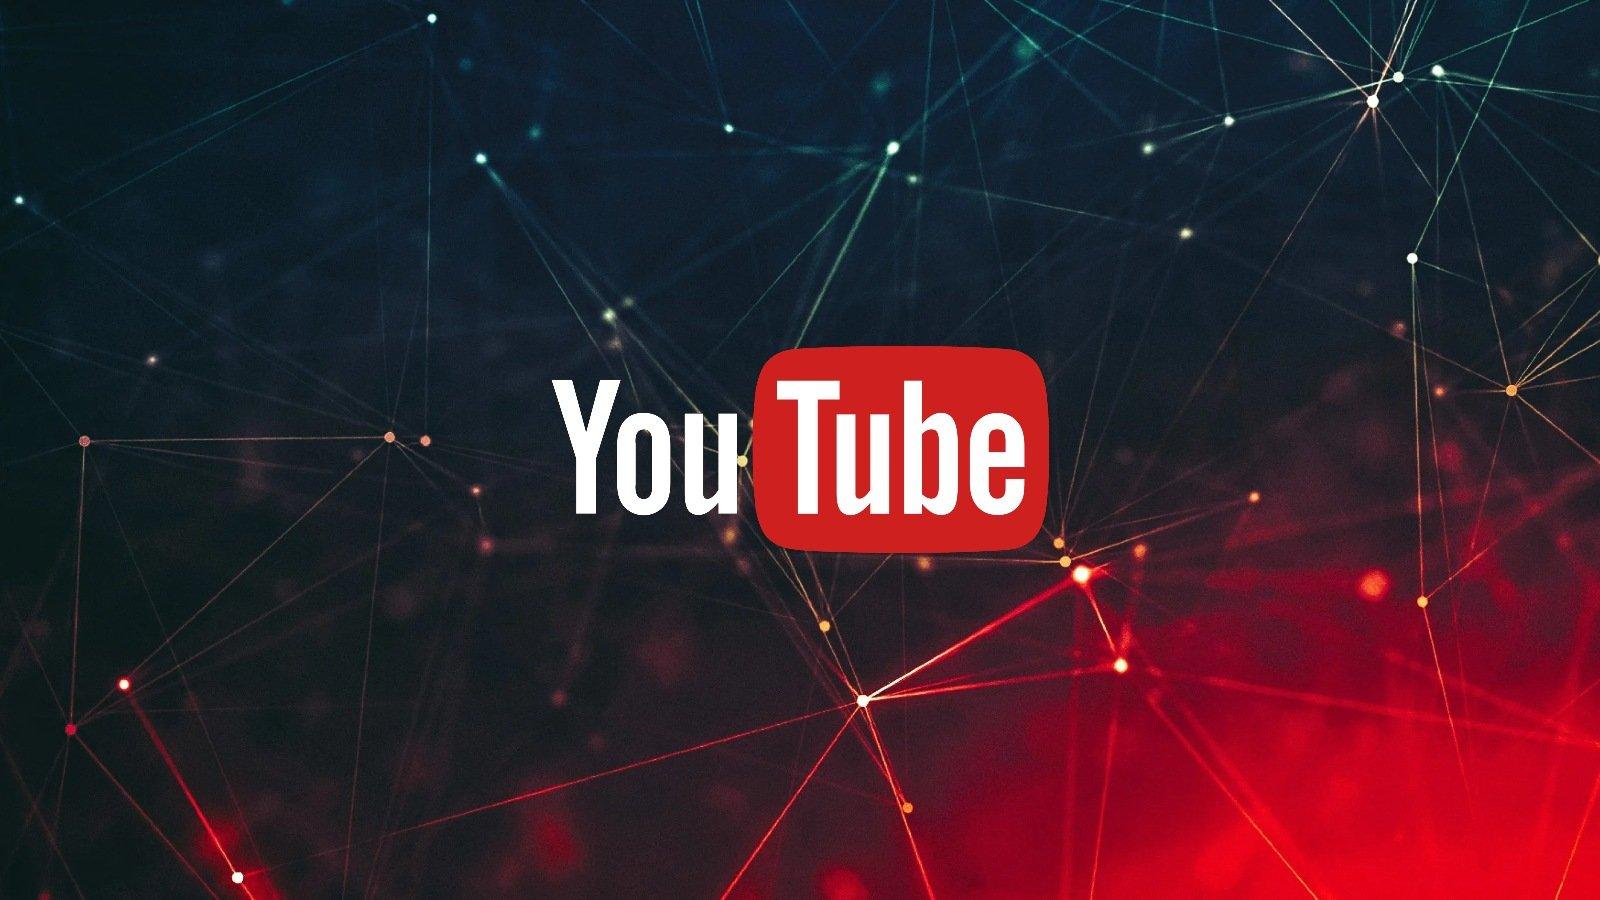 YouTube__headpic.jpg